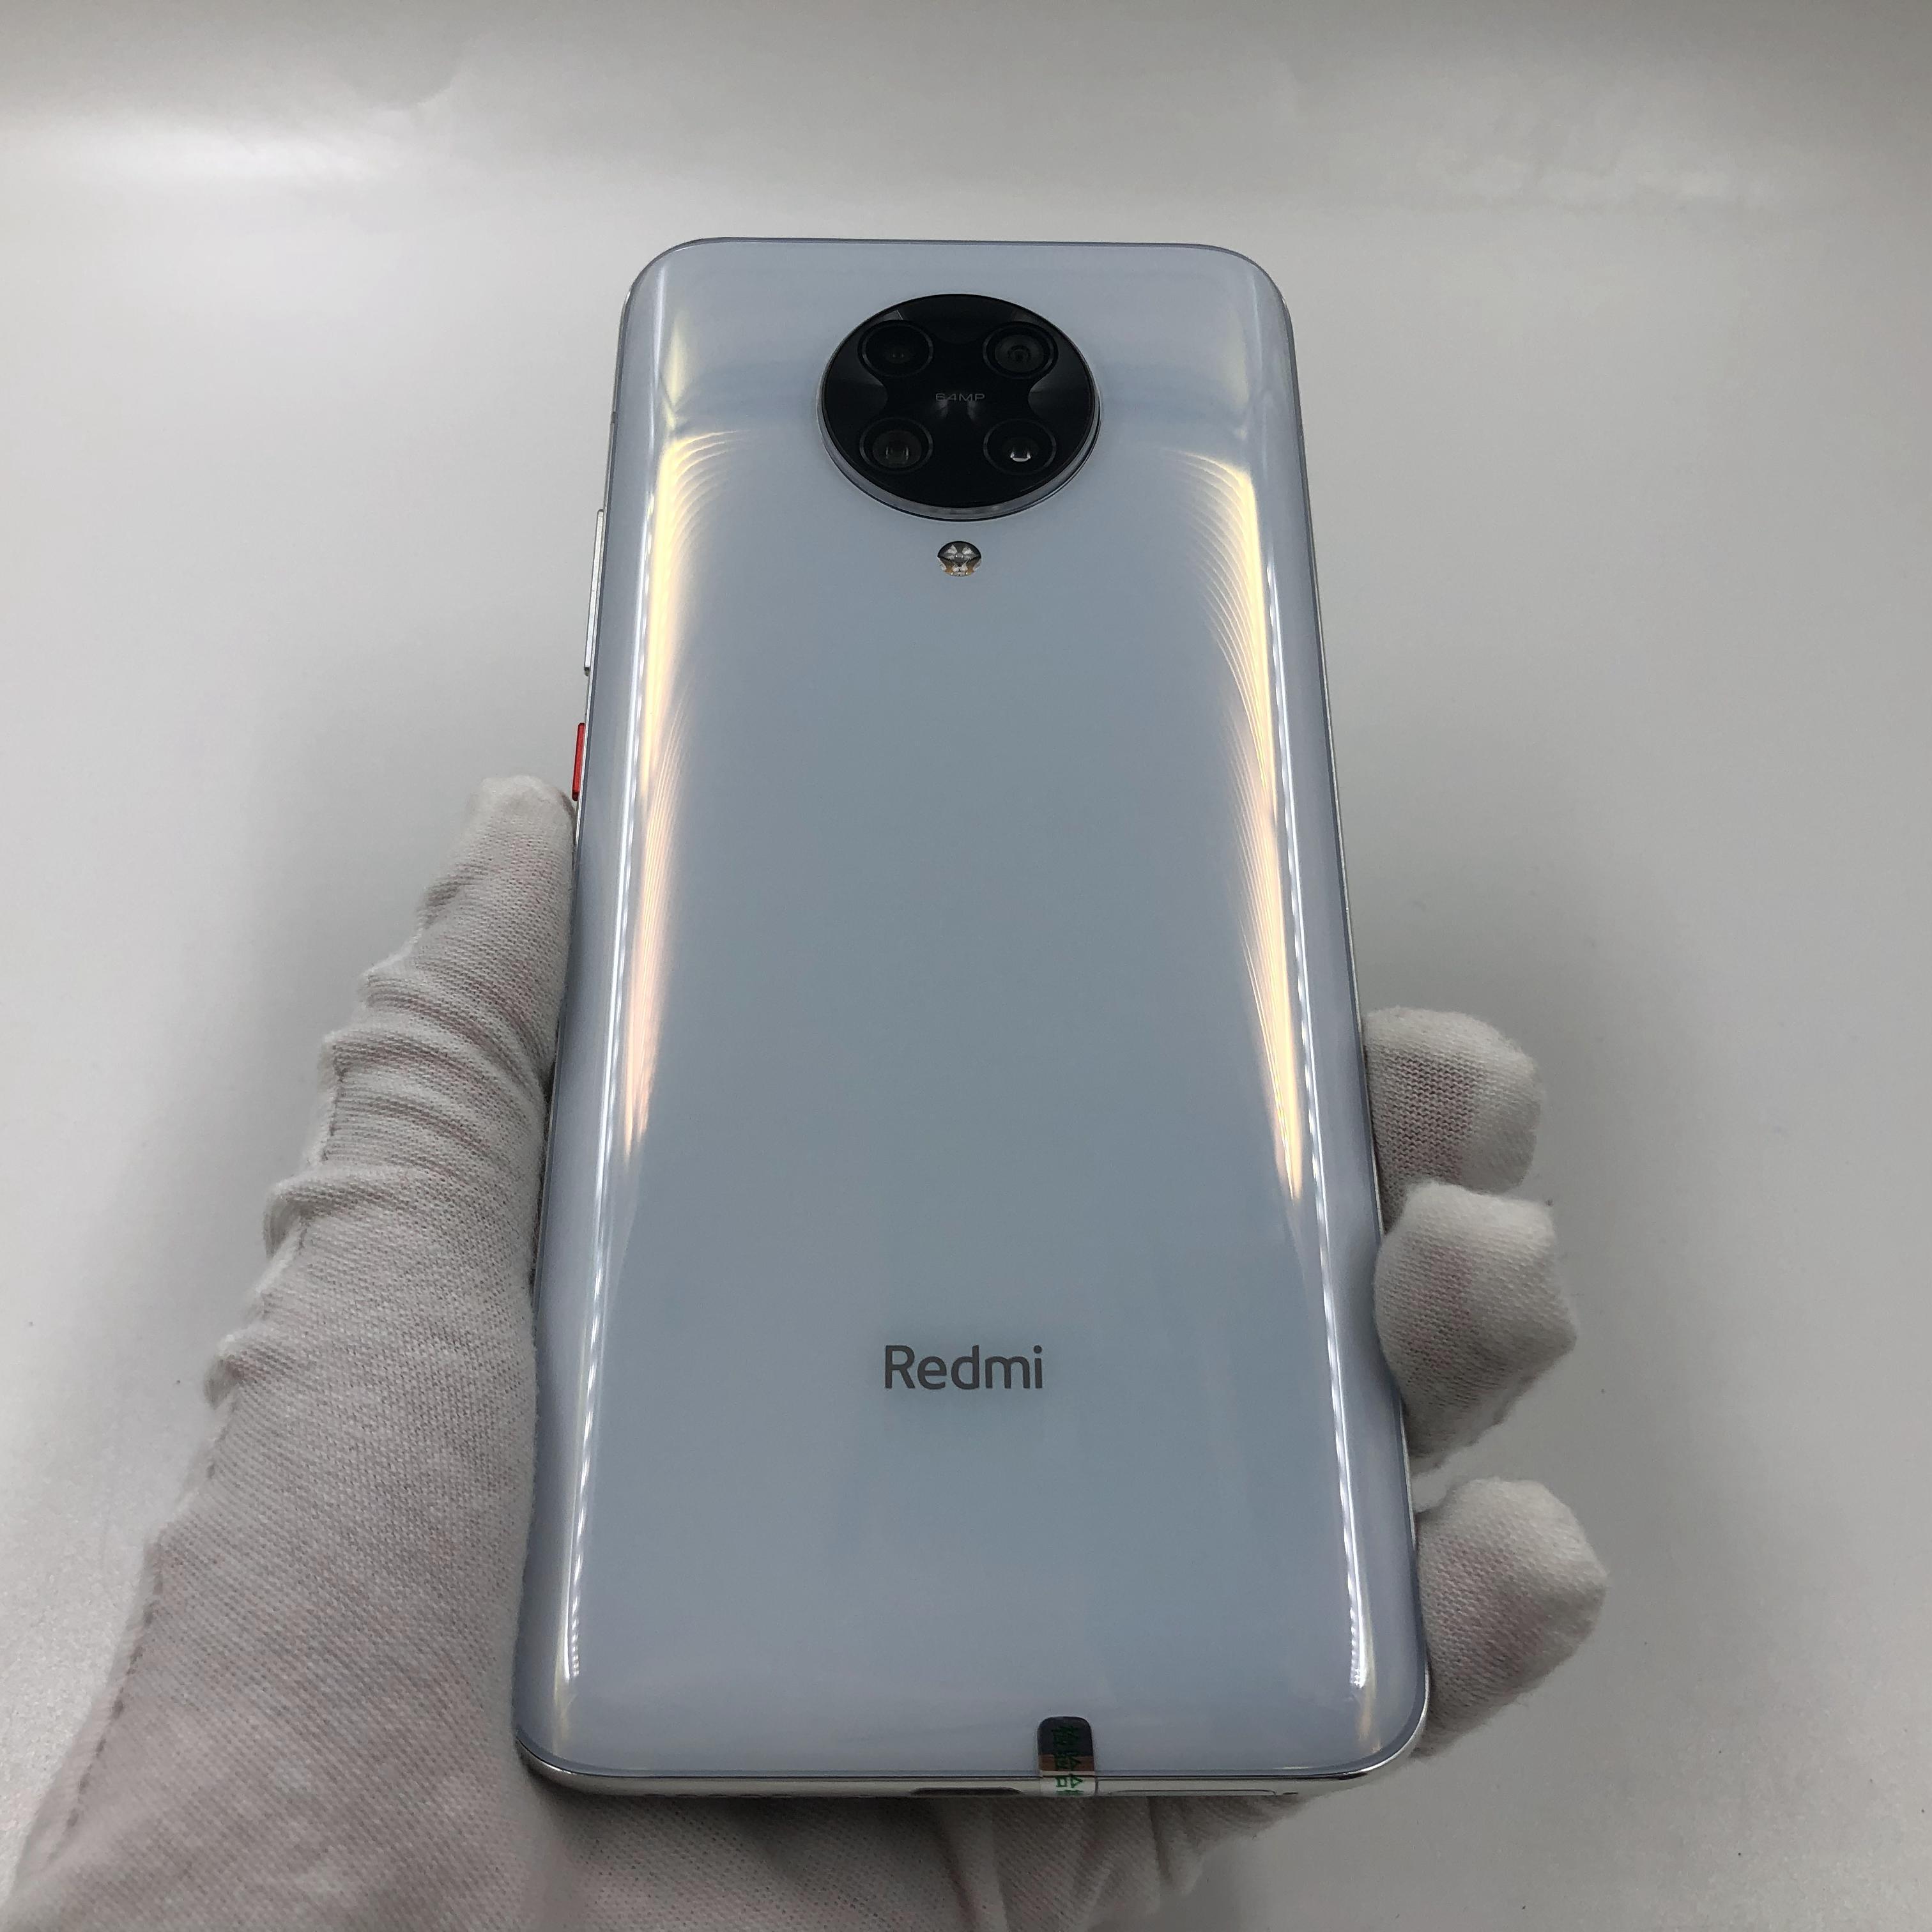 小米【Redmi k30 Pro 5G】5G全网通 月幕白 12G/128G 国行 95新 真机实拍